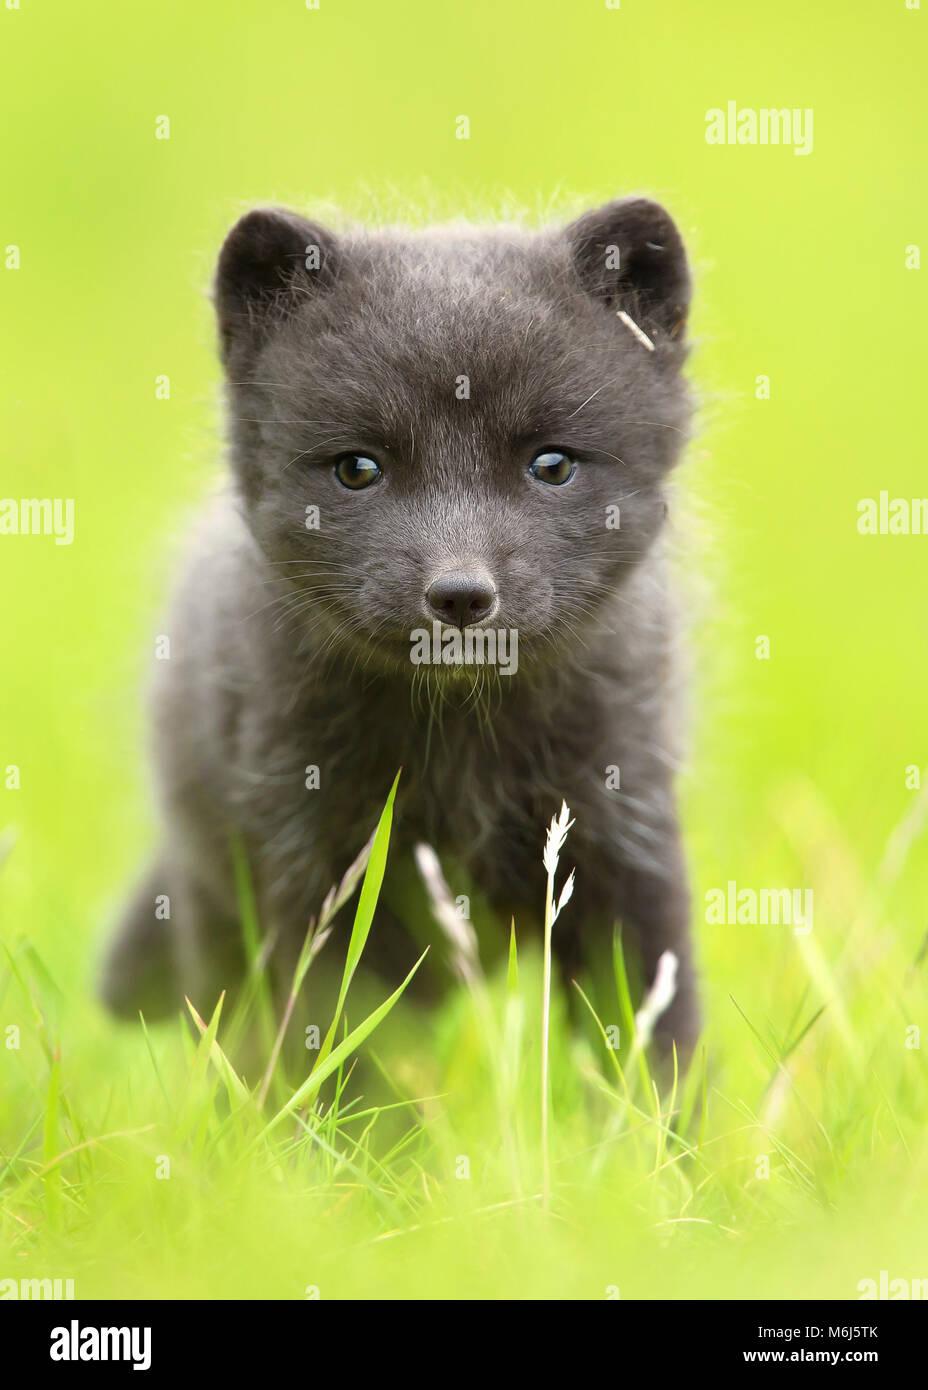 In prossimità di una volpe artica cub nel campo in erba, Islanda. Immagini Stock